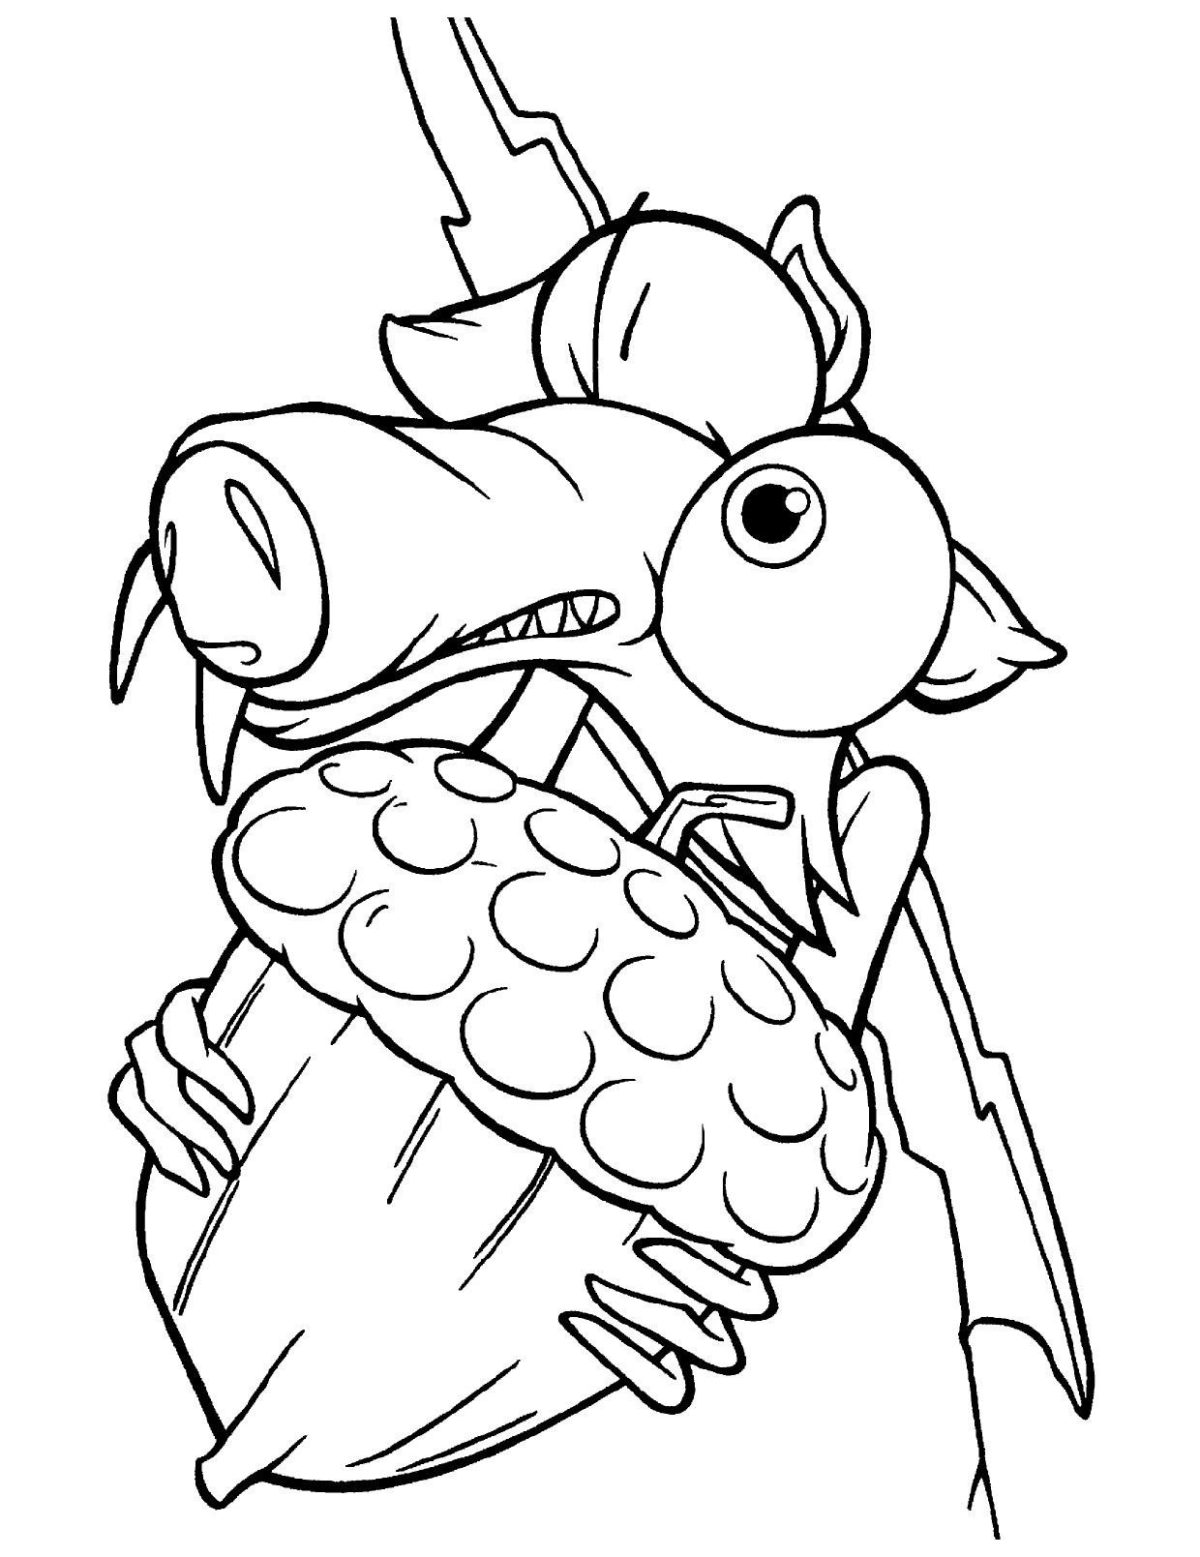 Белка Скрат поймала орех - Картинка для раскрашивания красками-гуашью